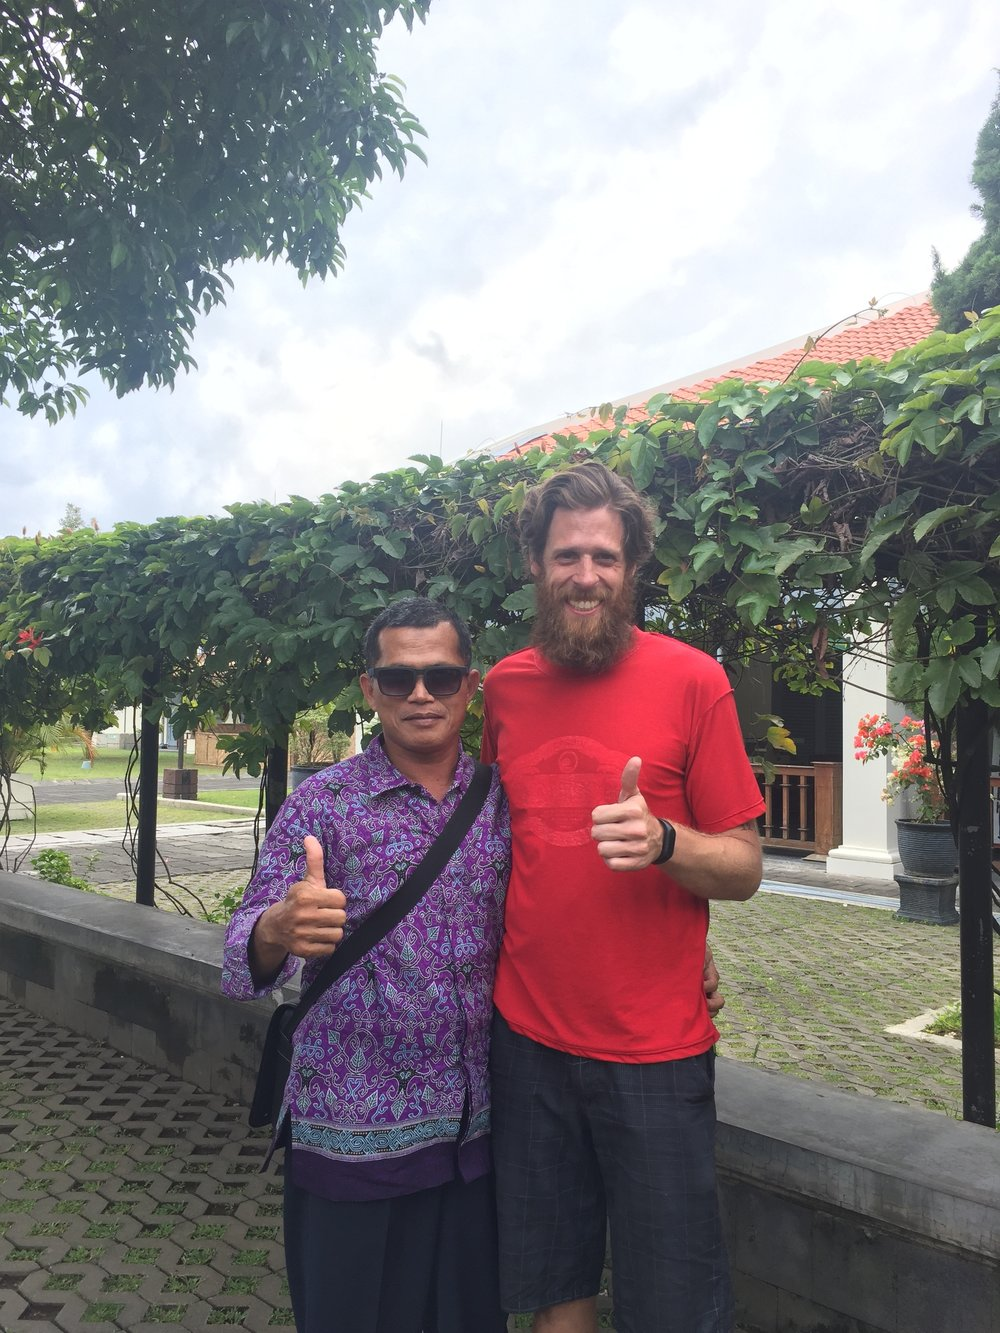 Yogyakarta: he wanted my sunglasses